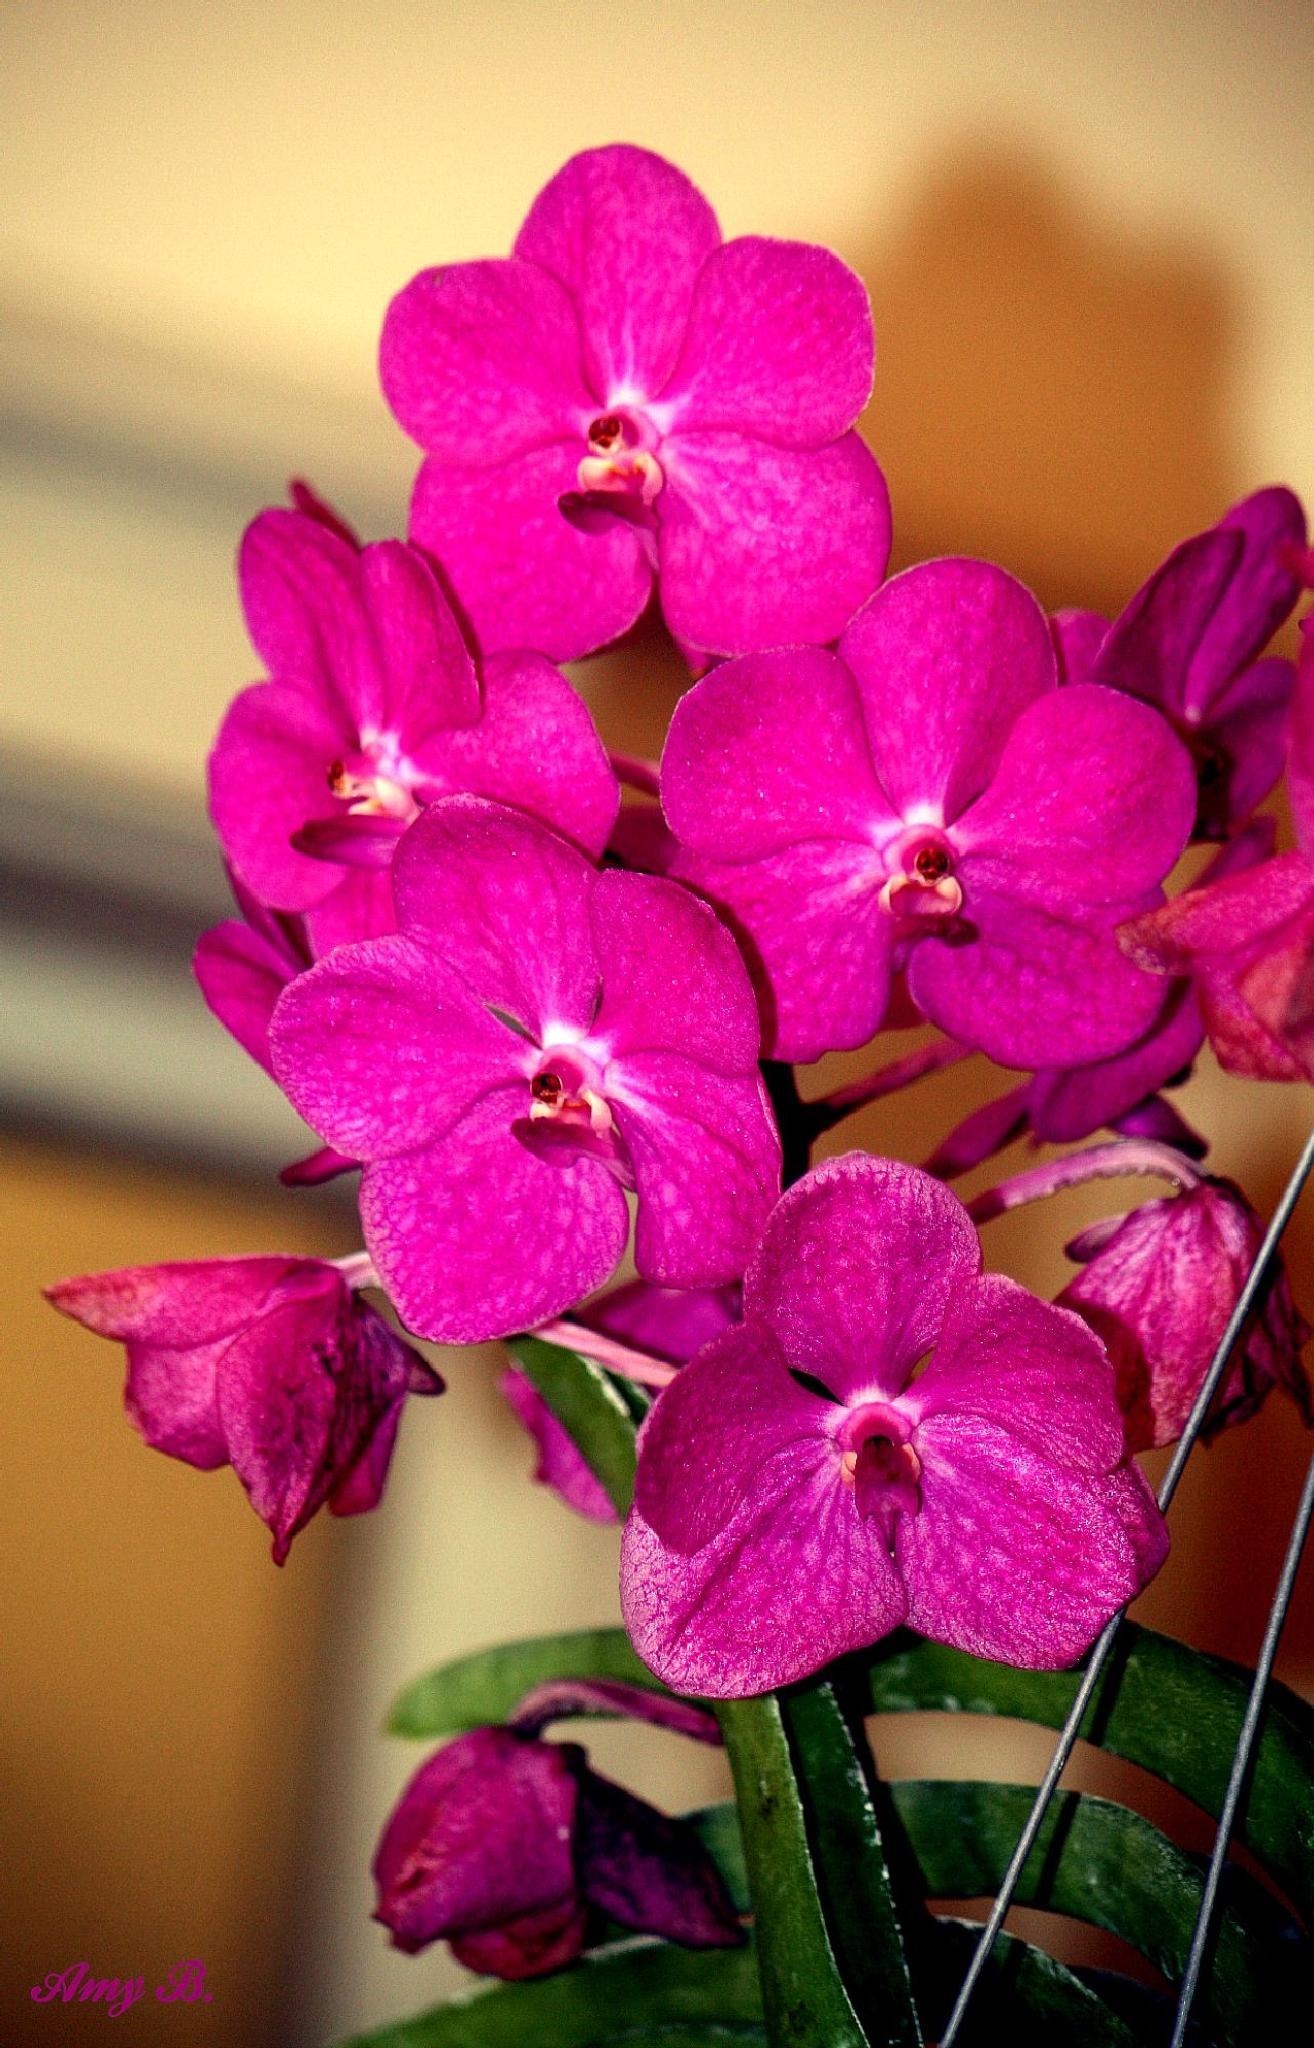 Deep mauve orchids by amy.conger.9